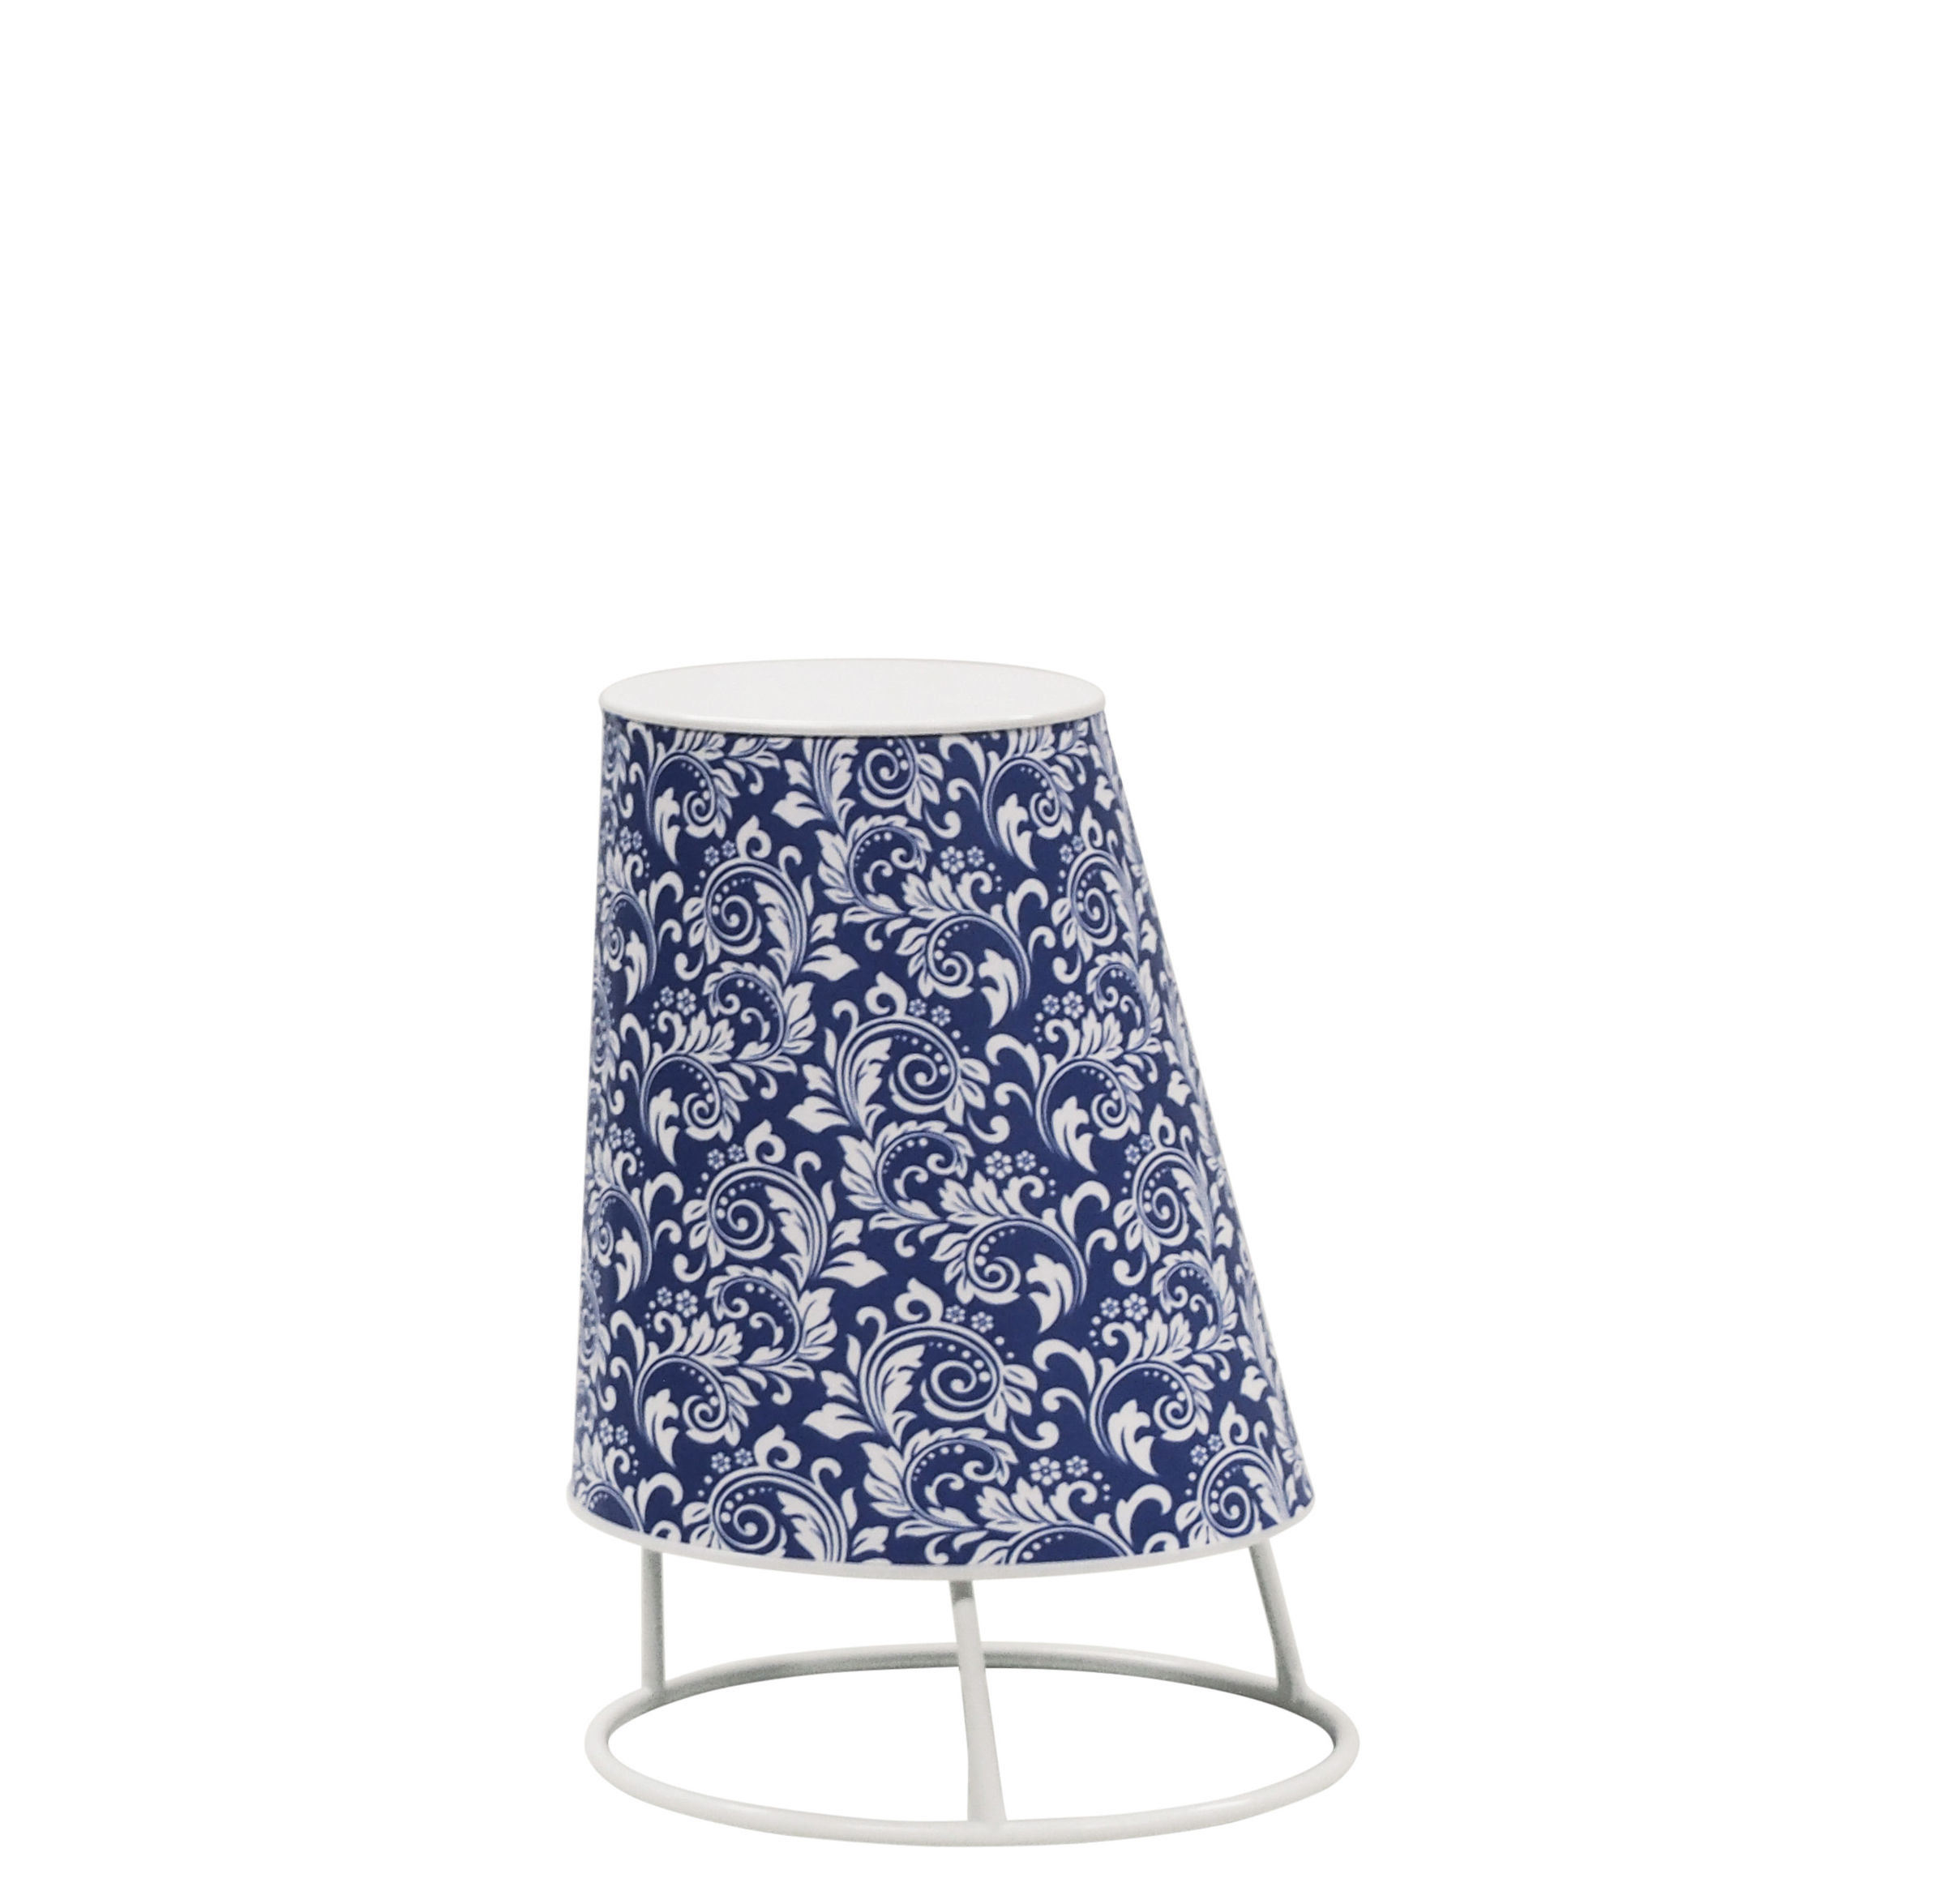 Luminaire - Lampes de table - Lampe sans fil Cone LED Small / H 22 cm - Emu - Fleurs bleues - Matière plastique, Polycarbonate, Tissu synthétique